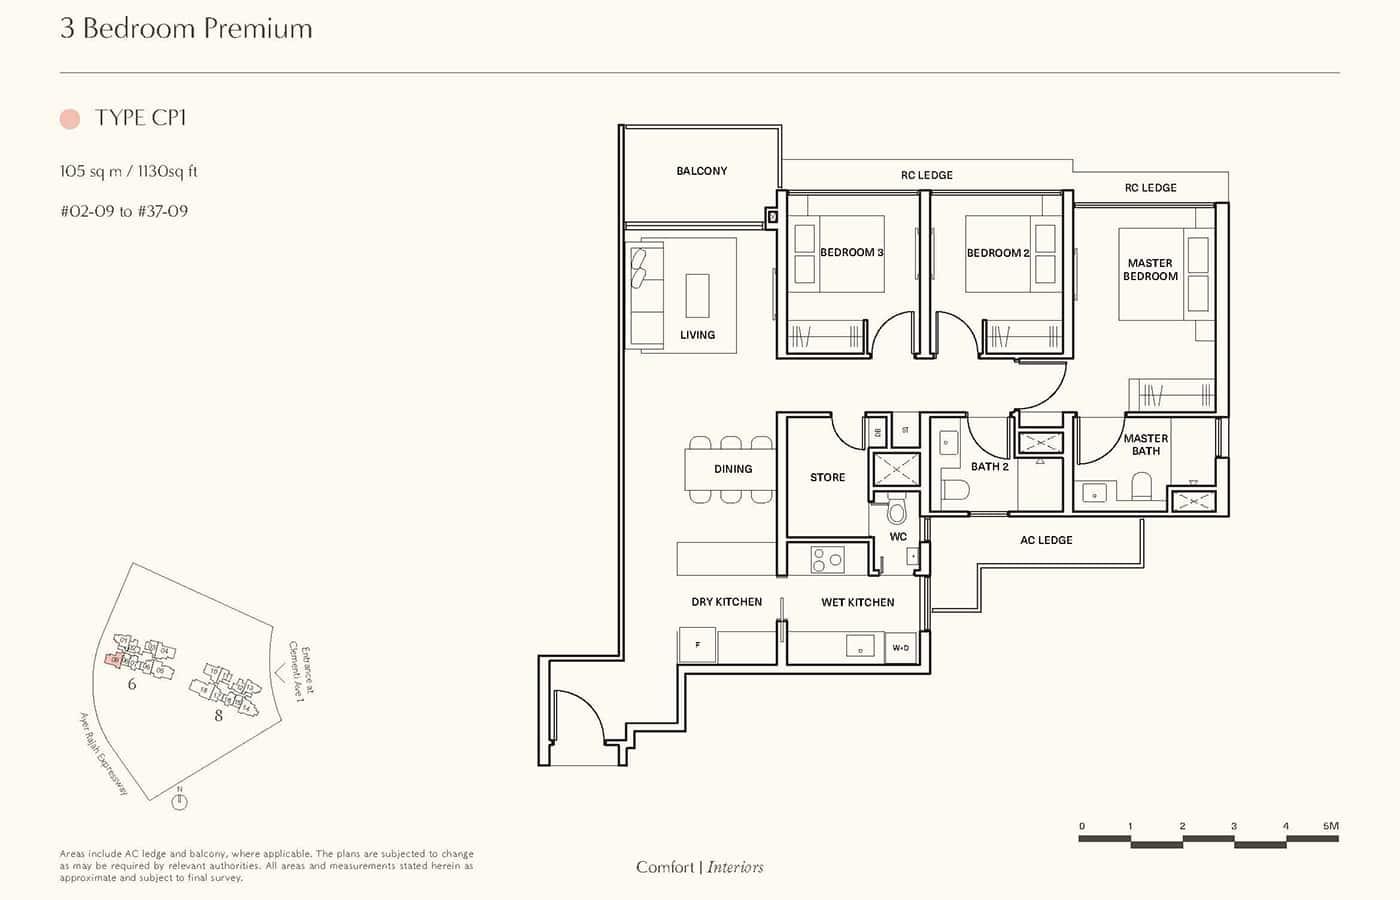 Clavon Condo Floor Plans - 3 Bedroom Premium CP1